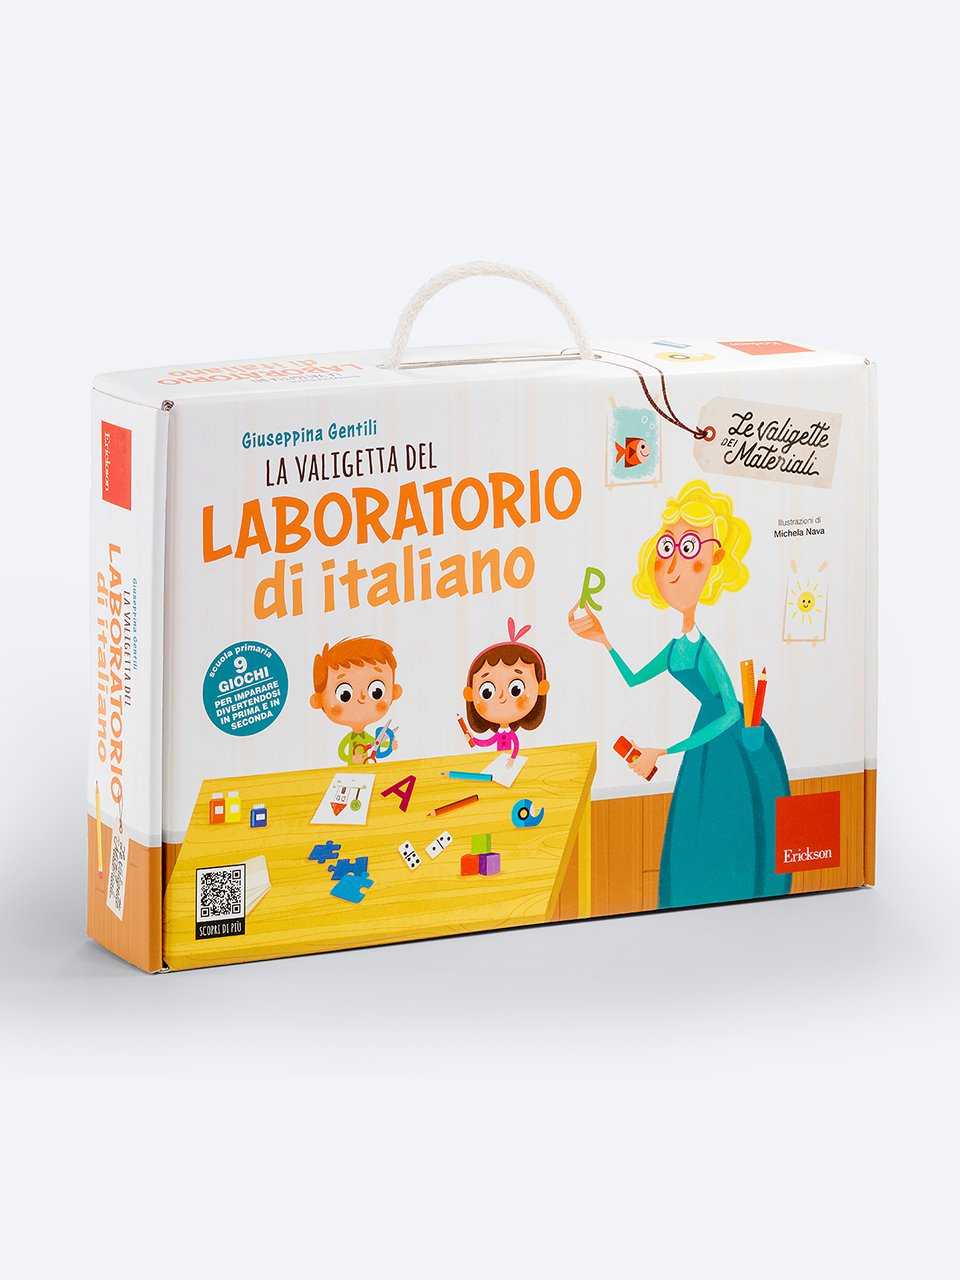 La valigetta del LABORATORIO DI ITALIANO - Le difficoltà ortografiche - Volume 1 - Libri - App e software - Erickson